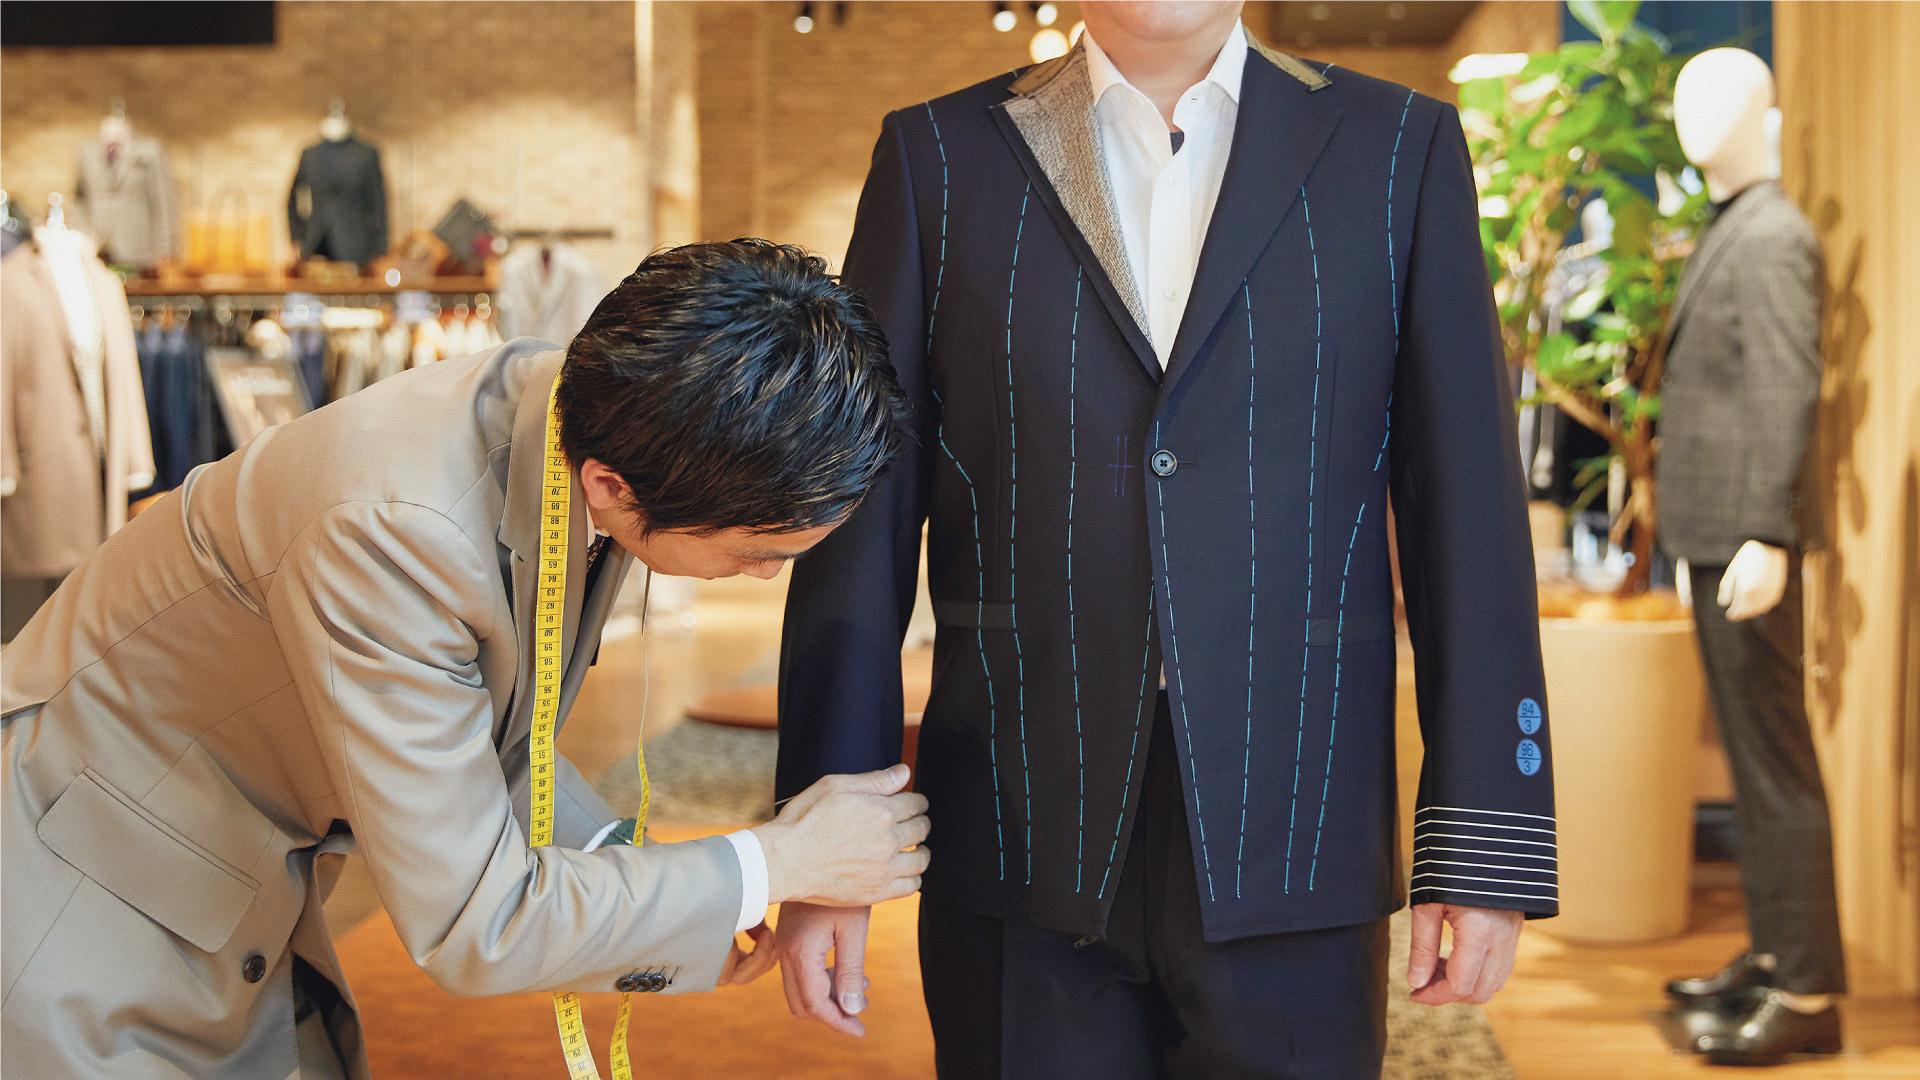 <ONLY>新宿マルイアネックス店でスーツコーディネーターとして活躍しませんか?のカバー写真